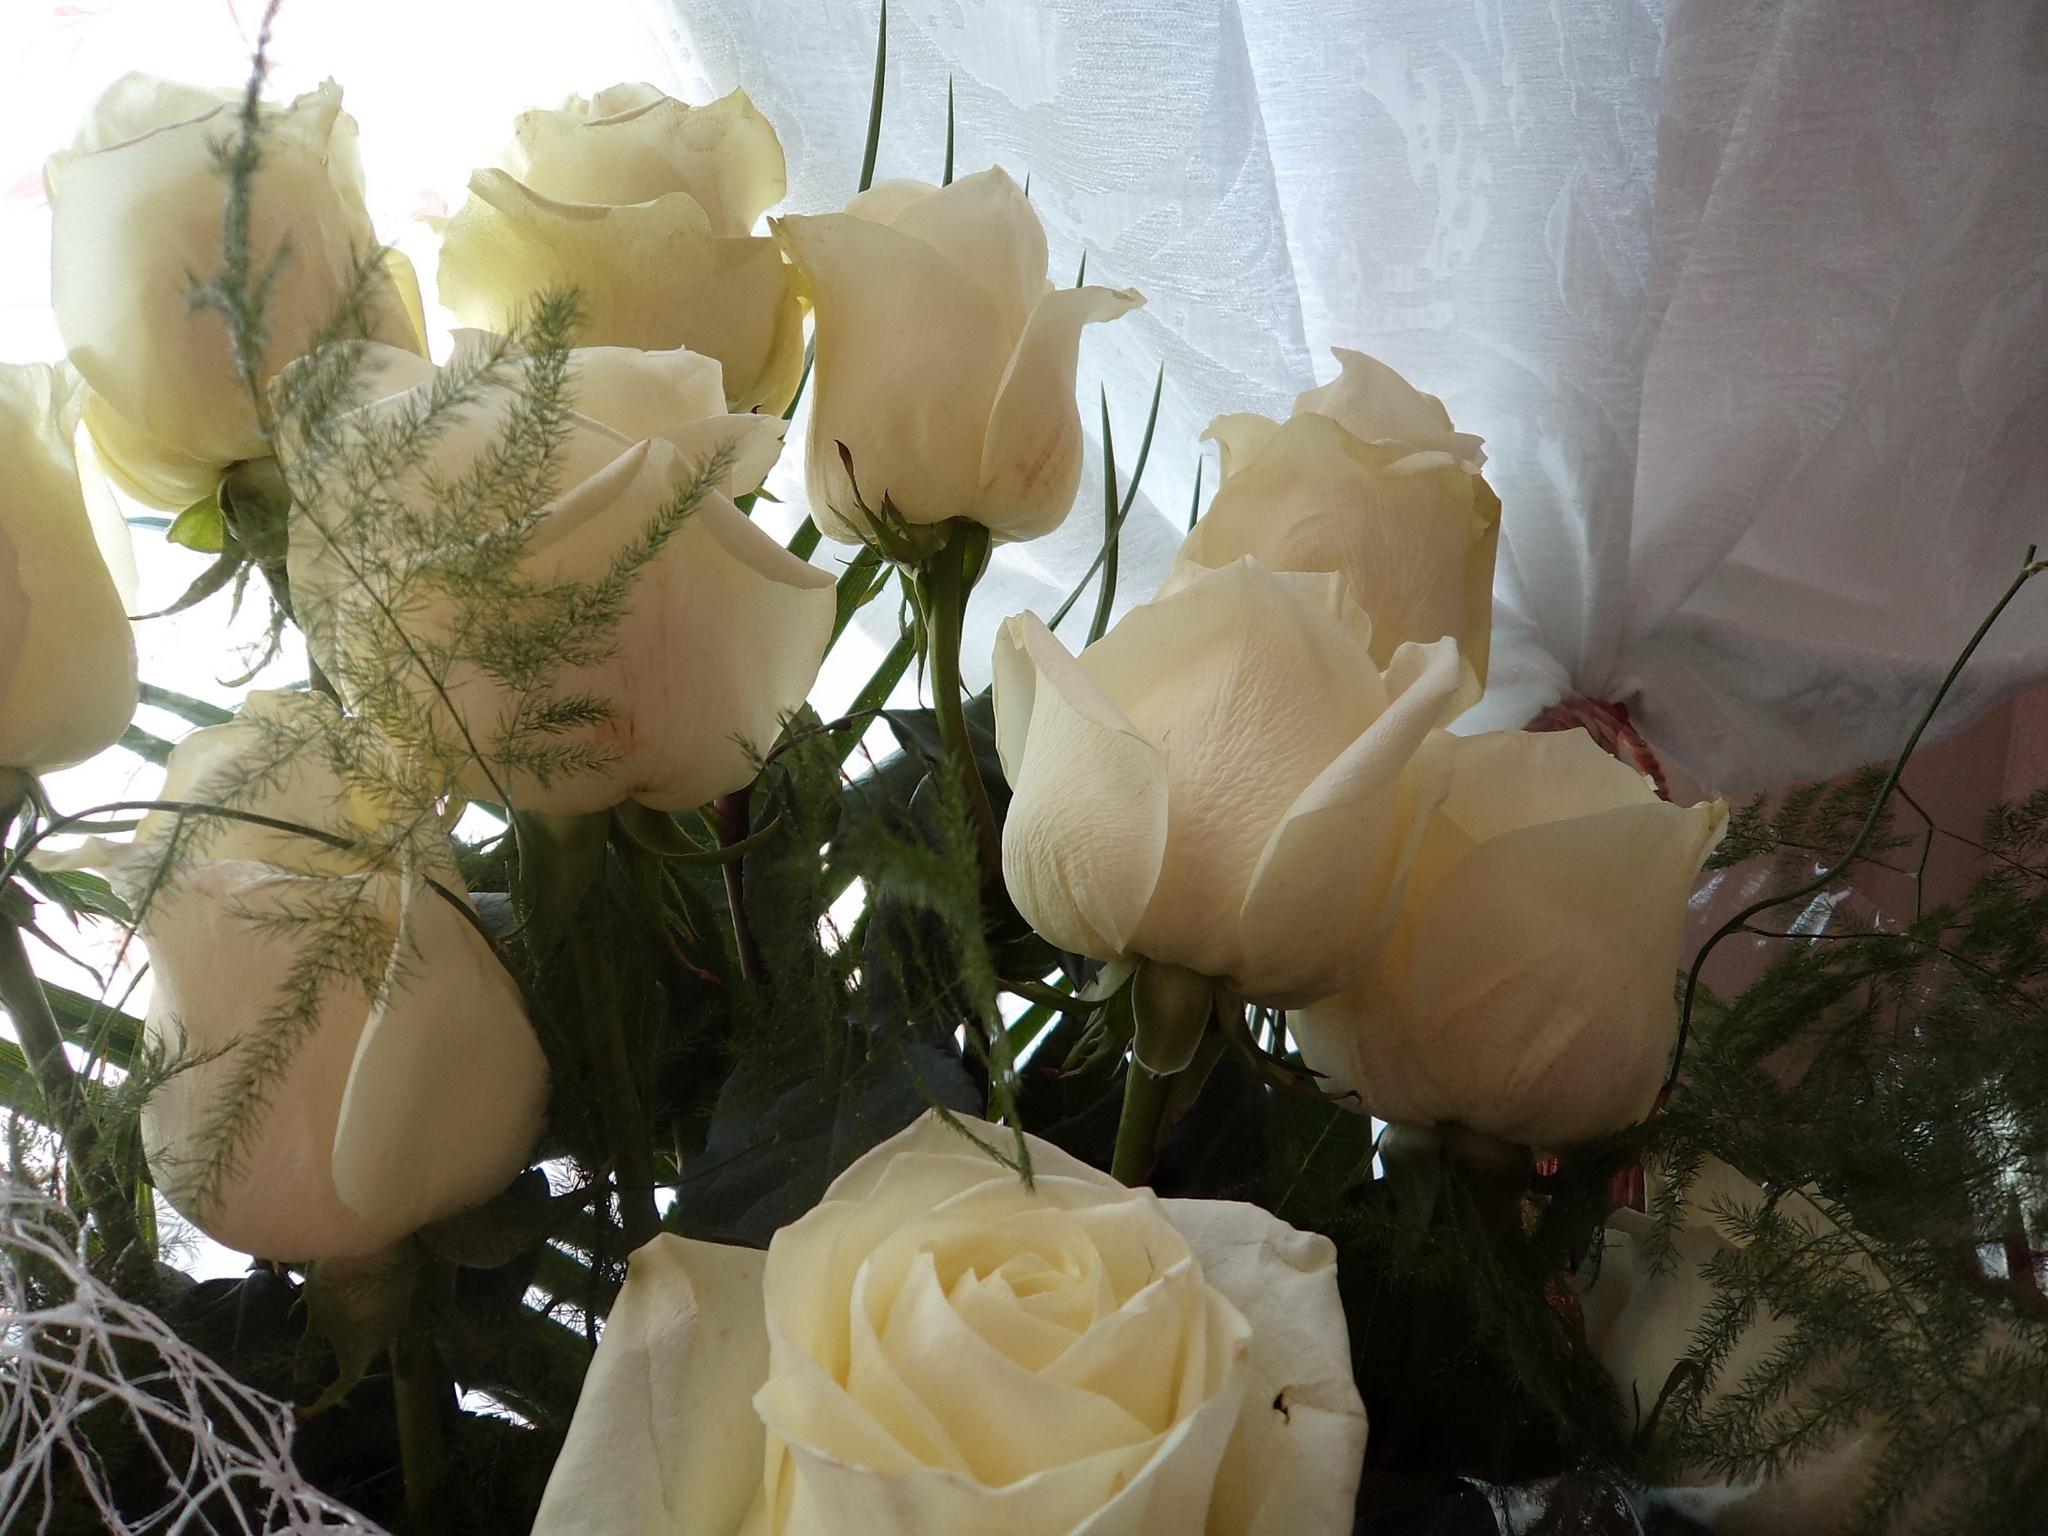 124619 скачать обои Розы, Букет, Цветы, Белый - заставки и картинки бесплатно